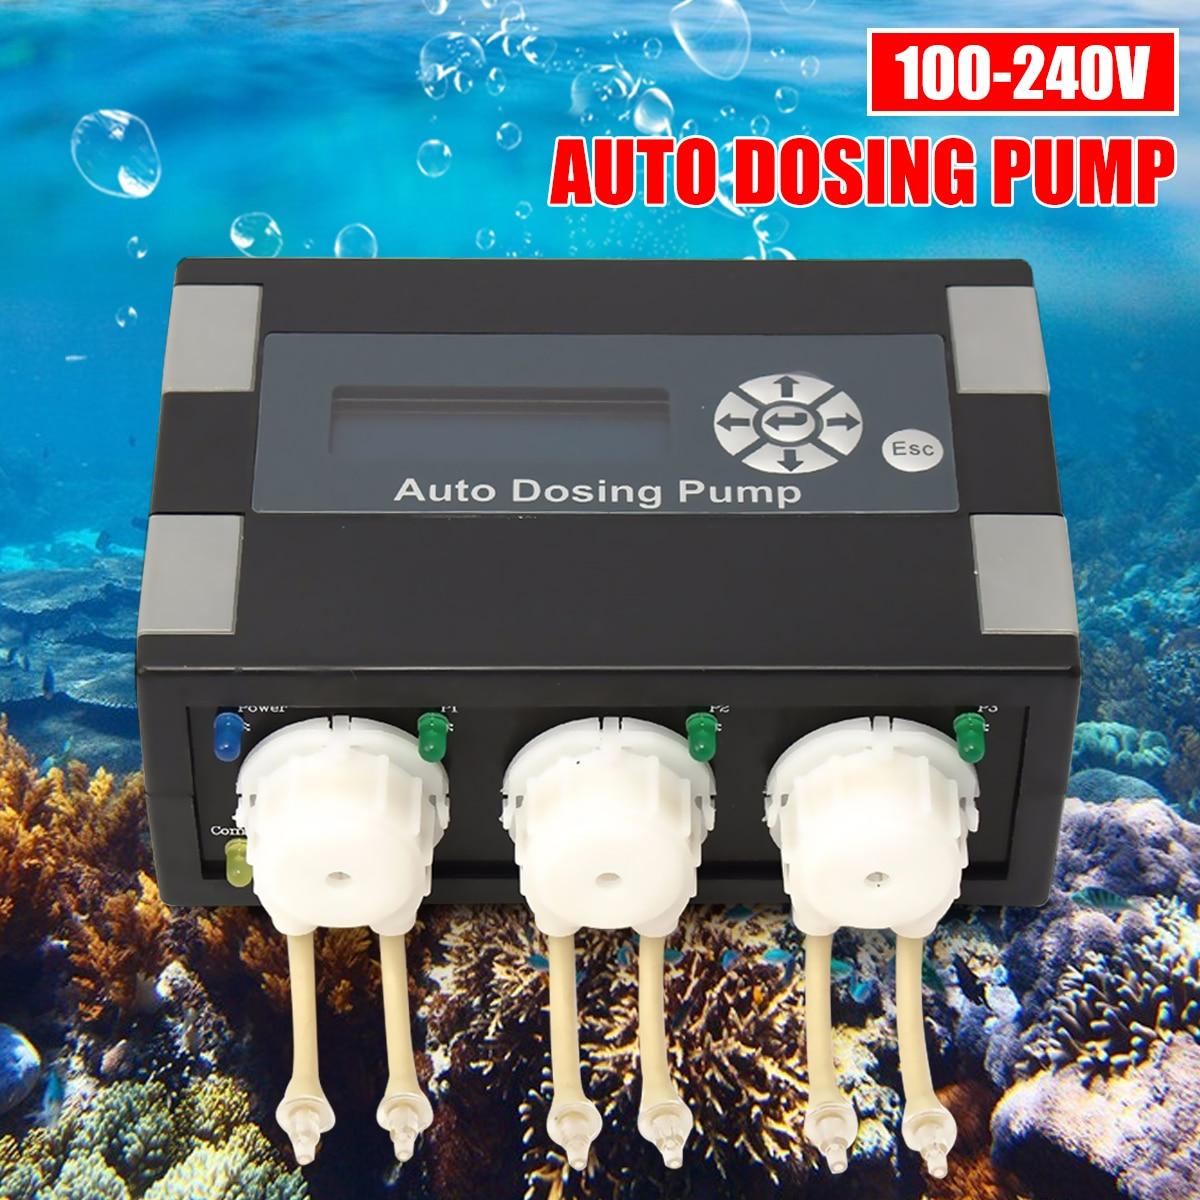 Pompe de titrage automatique Durable de cylindre de corail pompe péristaltique synchronisation automatique de pompe de dosage ajoutée pour l'aquarium marin de récif